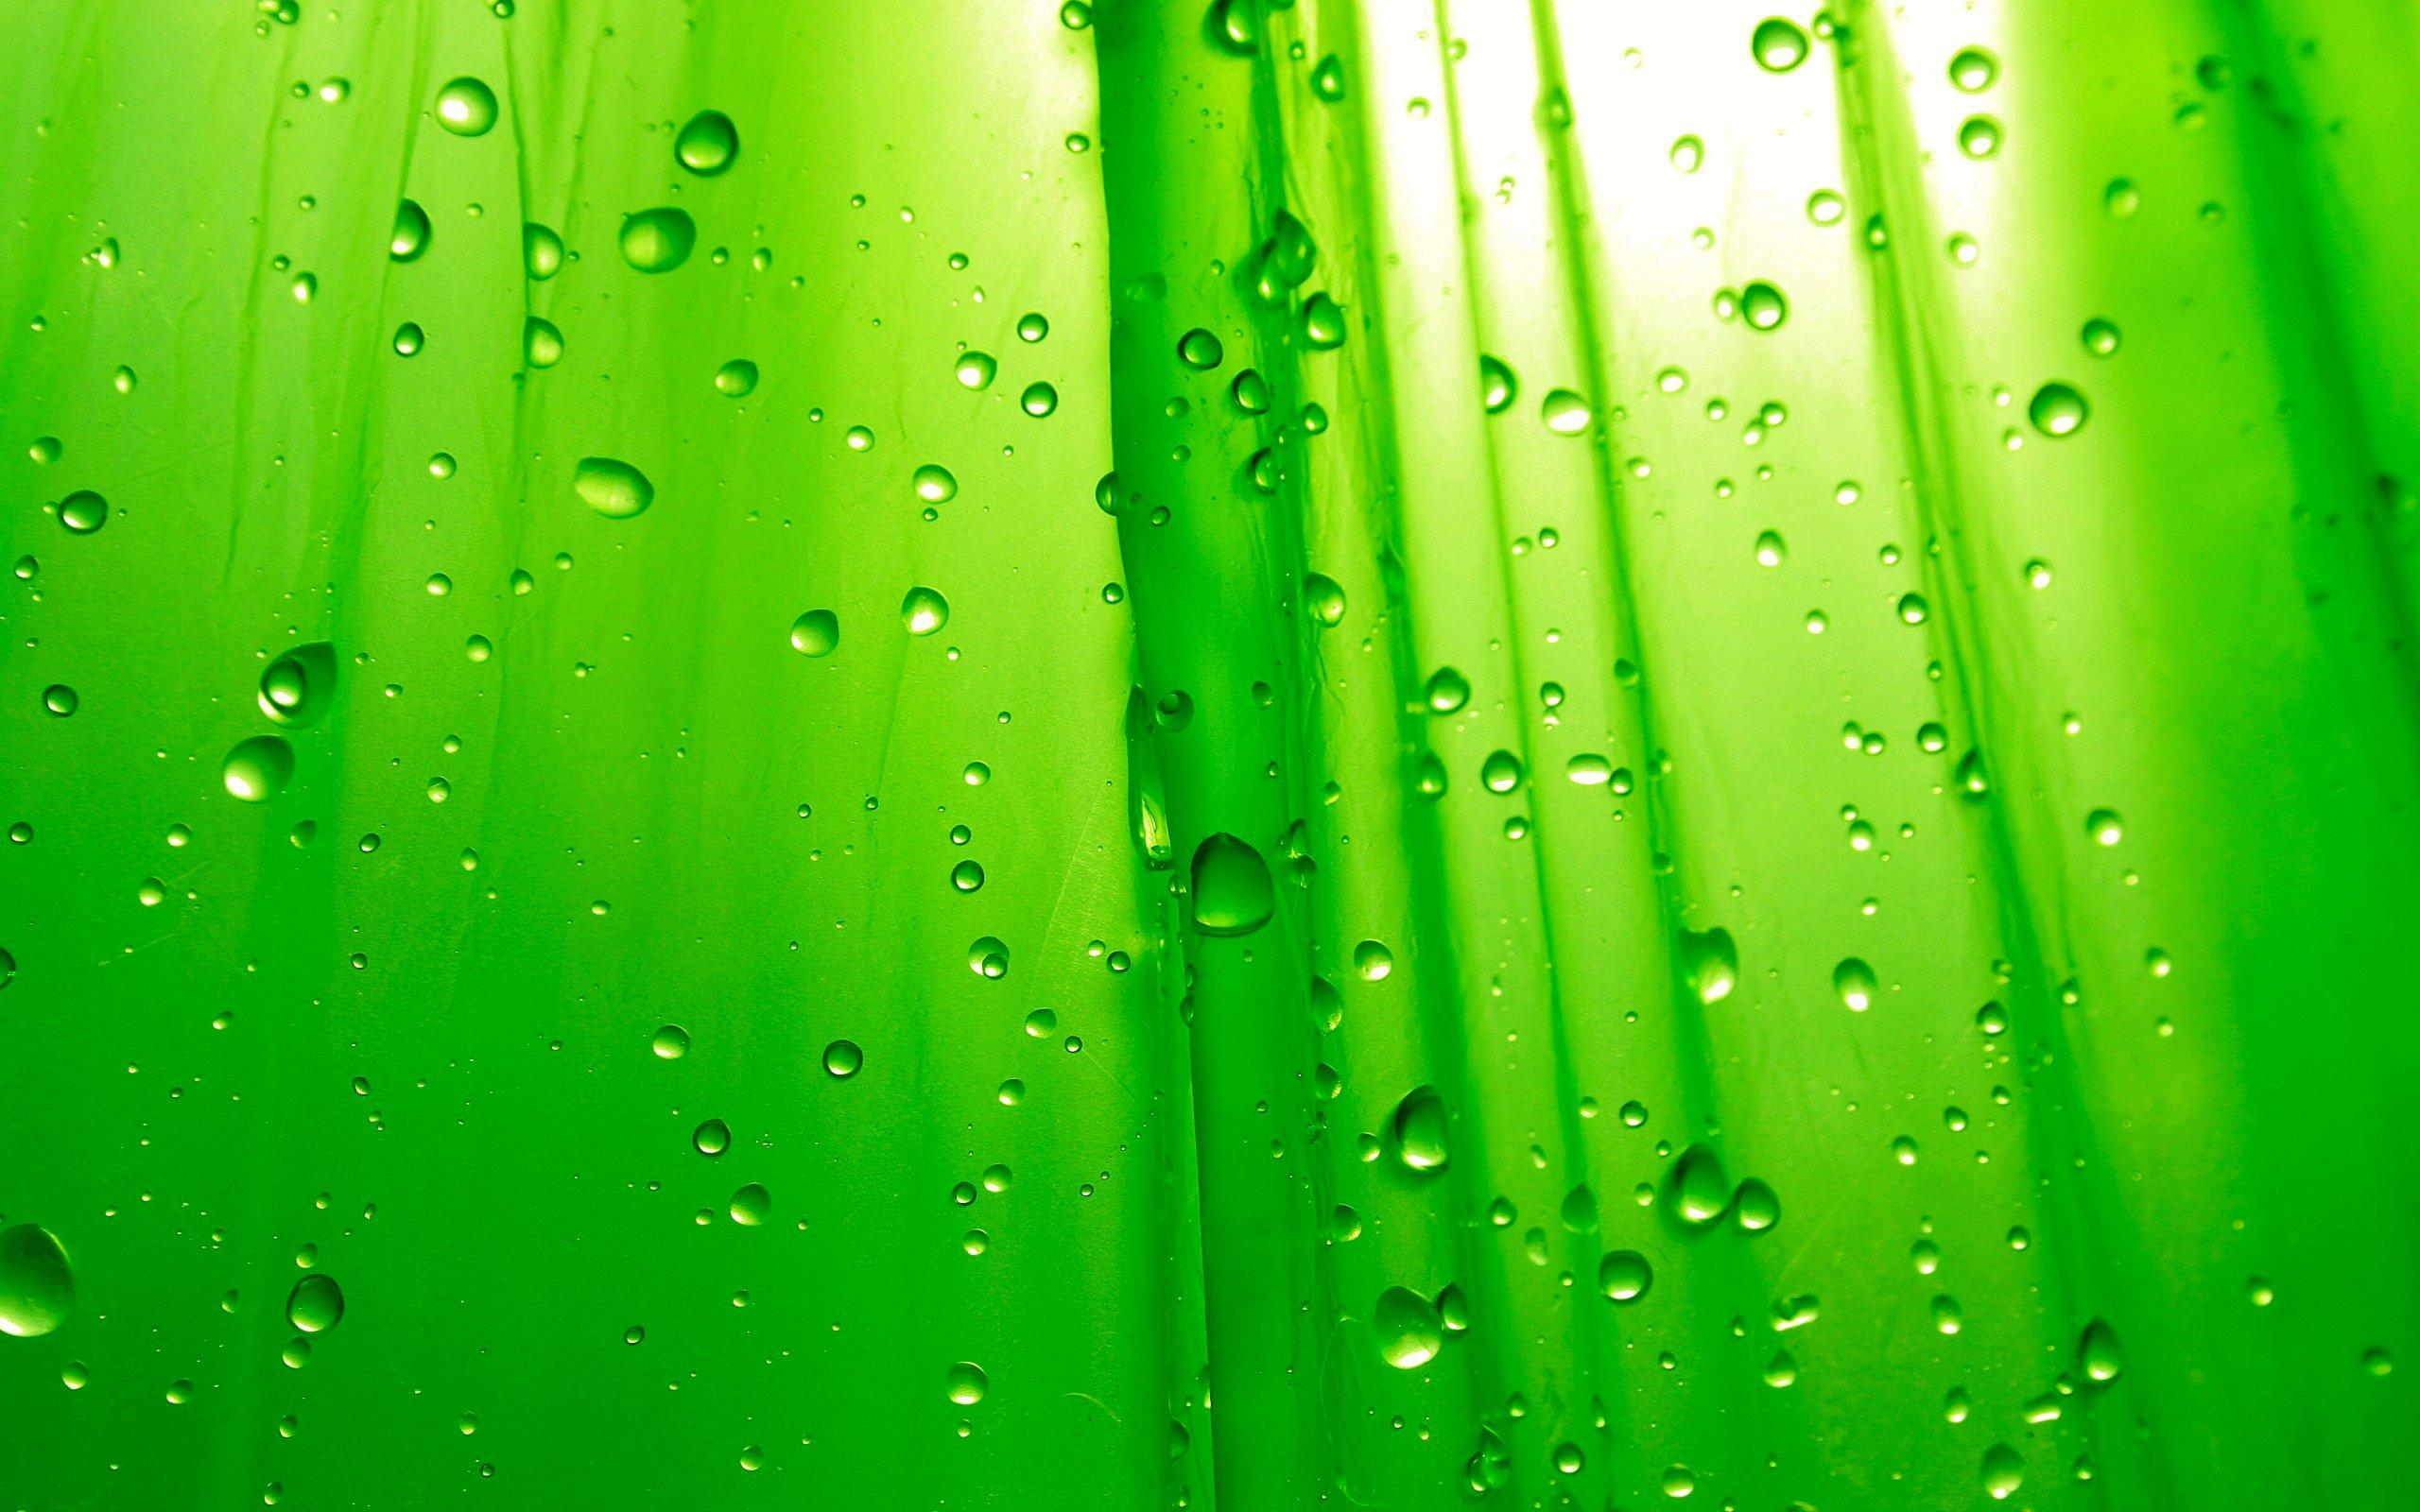 Hd wallpaper green - Description Green Hd Wallpaper Is A Hi Res Wallpaper For Pc Desktops